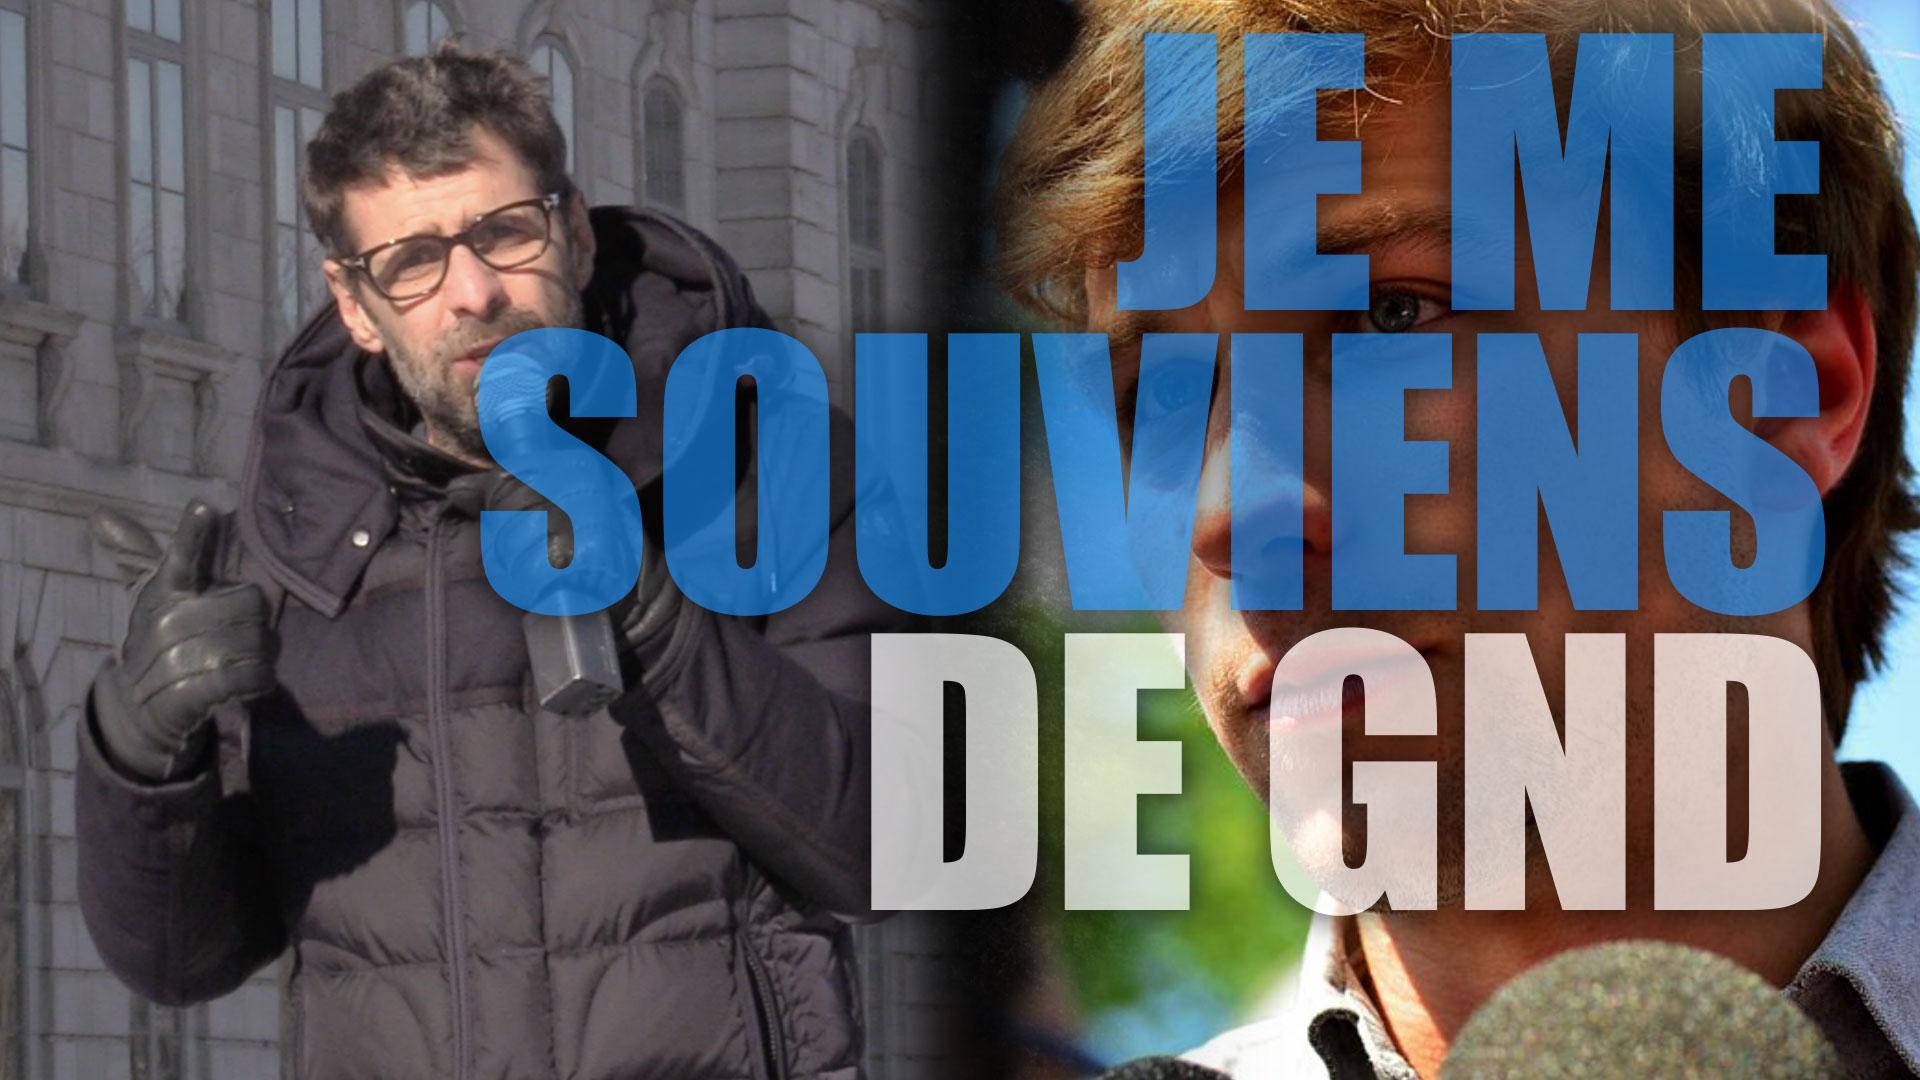 Gabriel Nadeau-Dubois, ancien leader des carrés rouges, se présentera aux prochaines élections québécoises